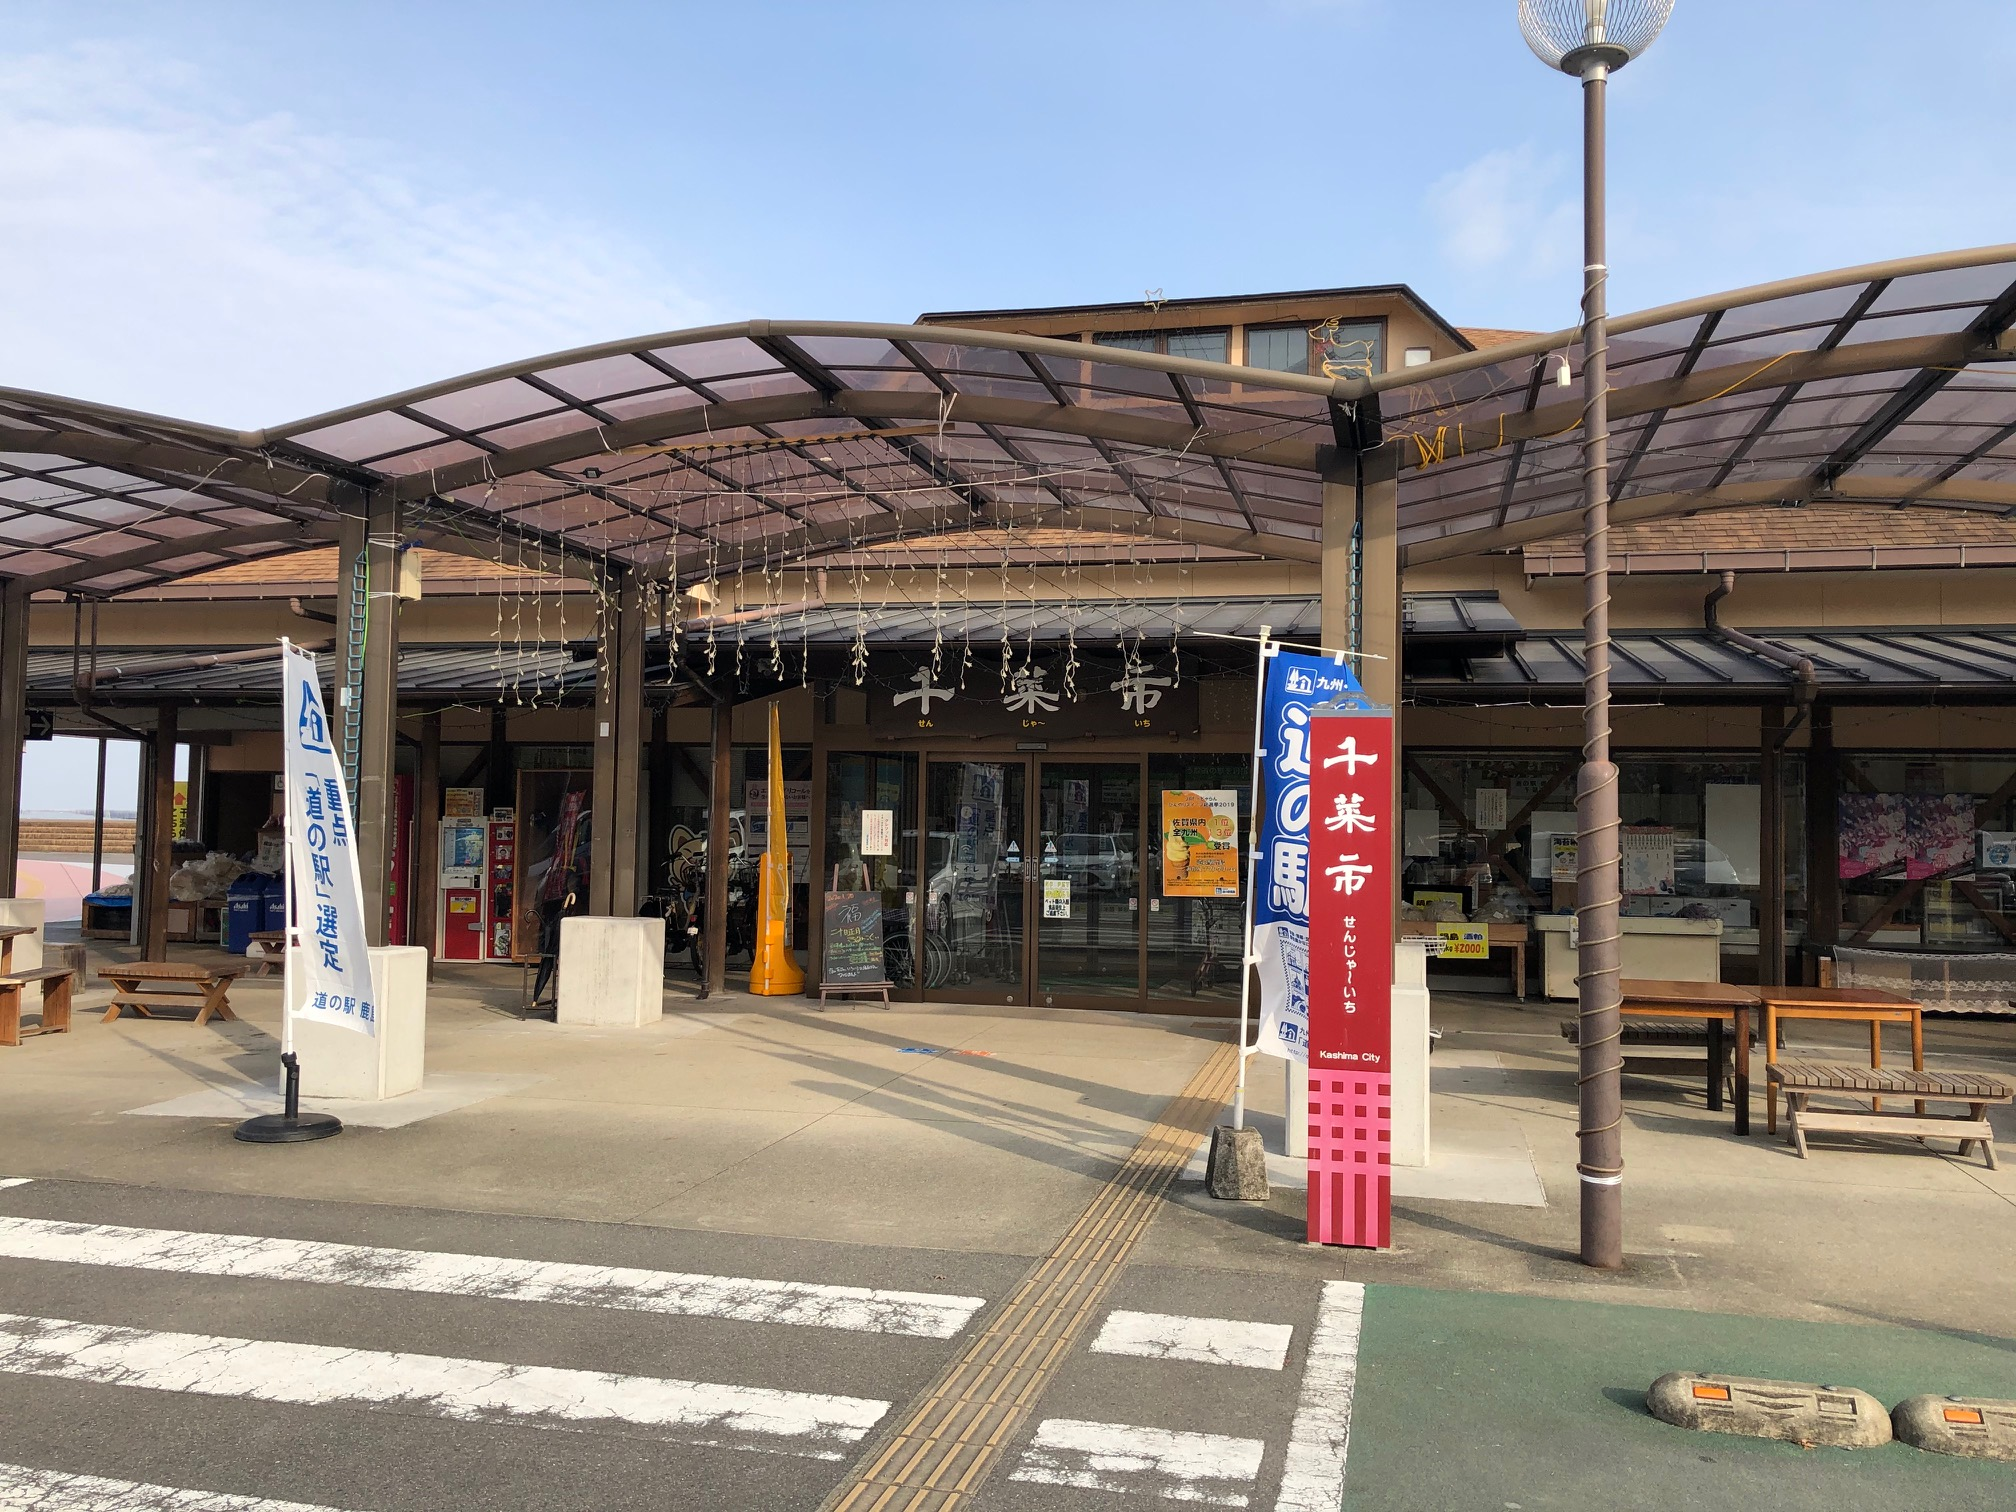 道の駅 鹿島 (HELLO CYCLING ポート) image